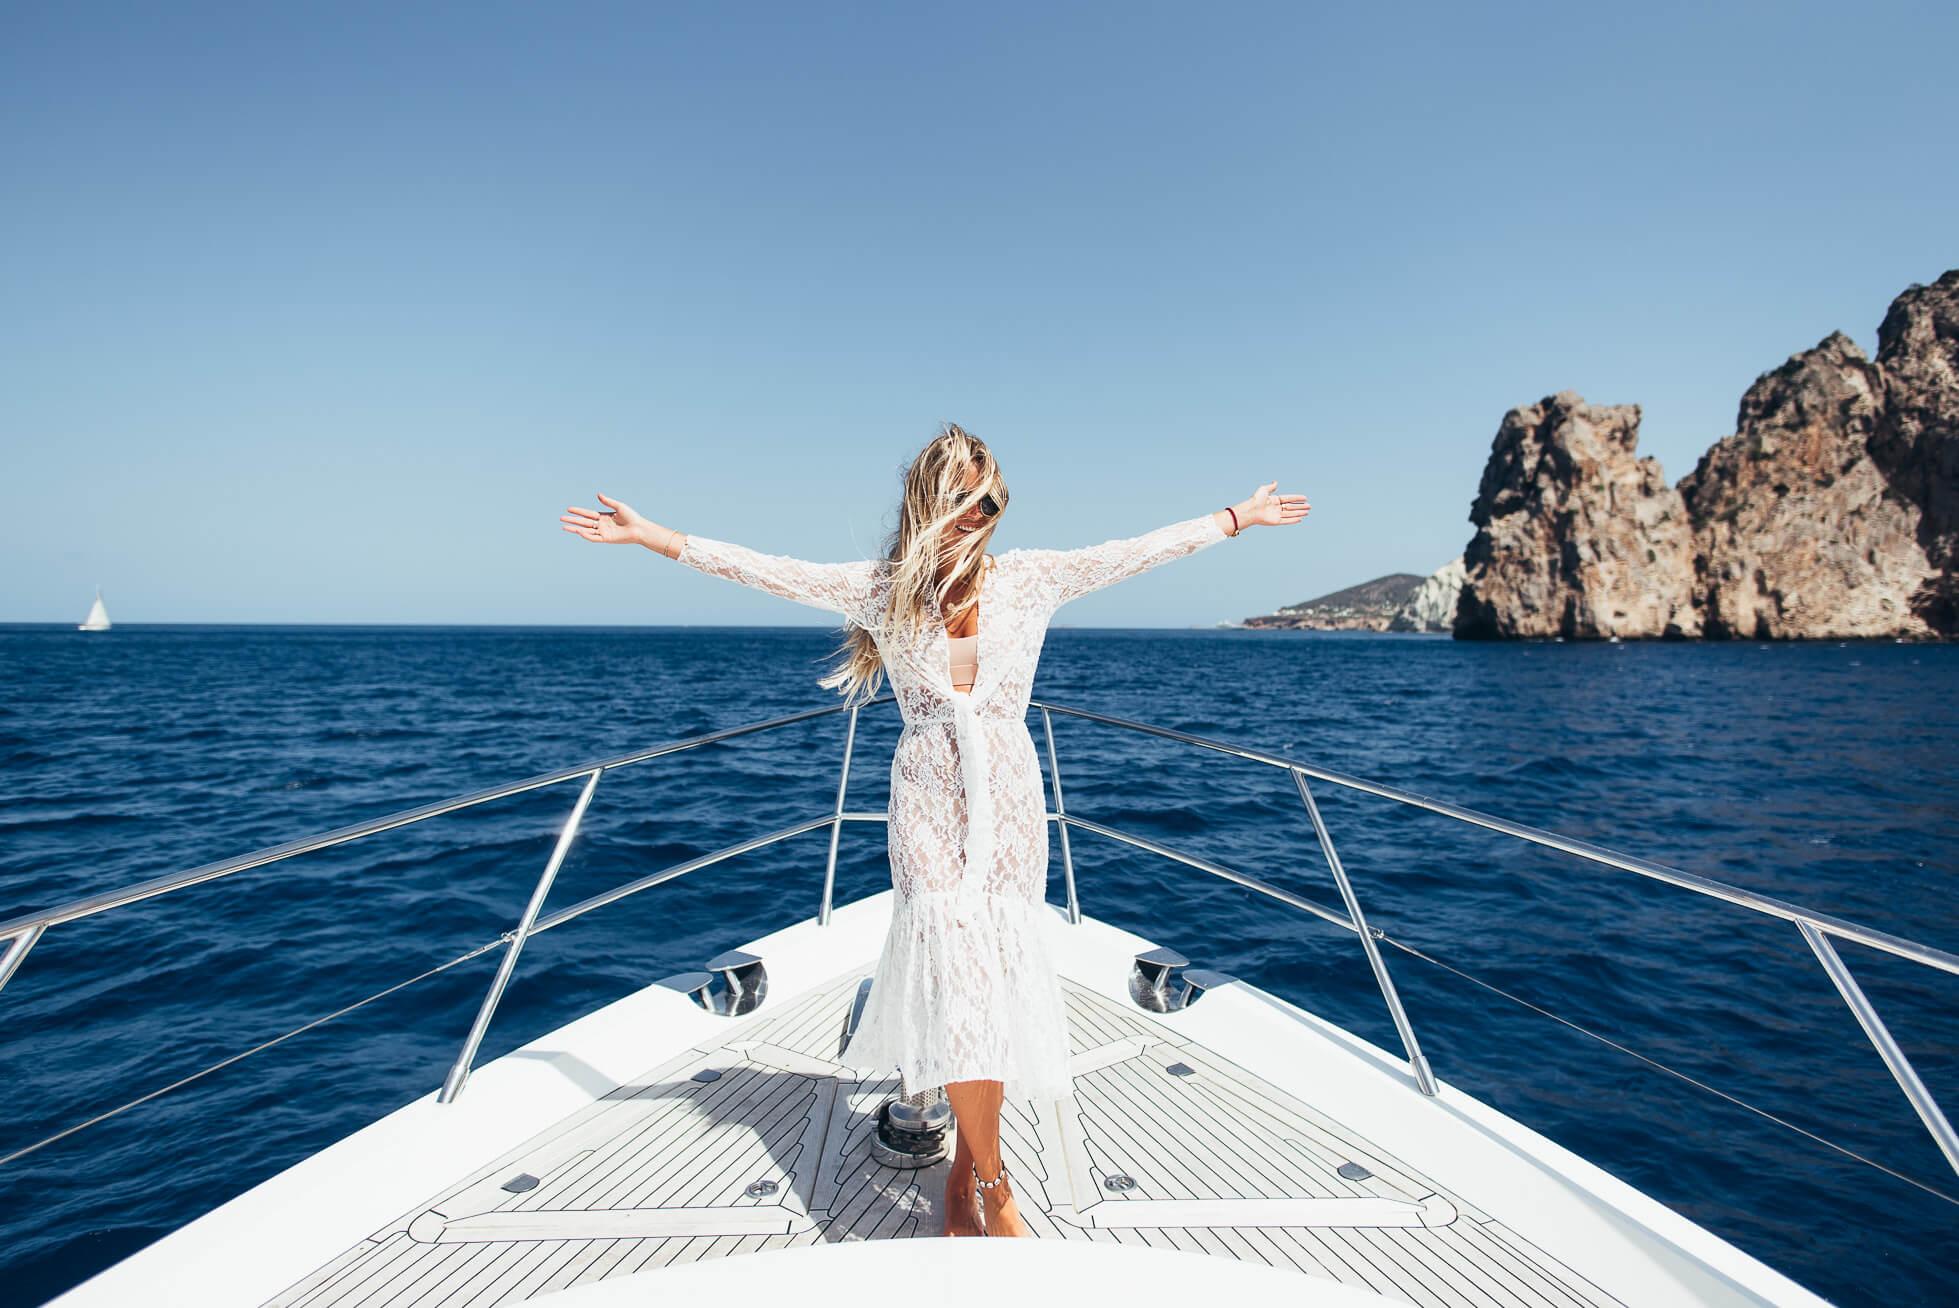 janni-deler-boat-lifeDSC_9042